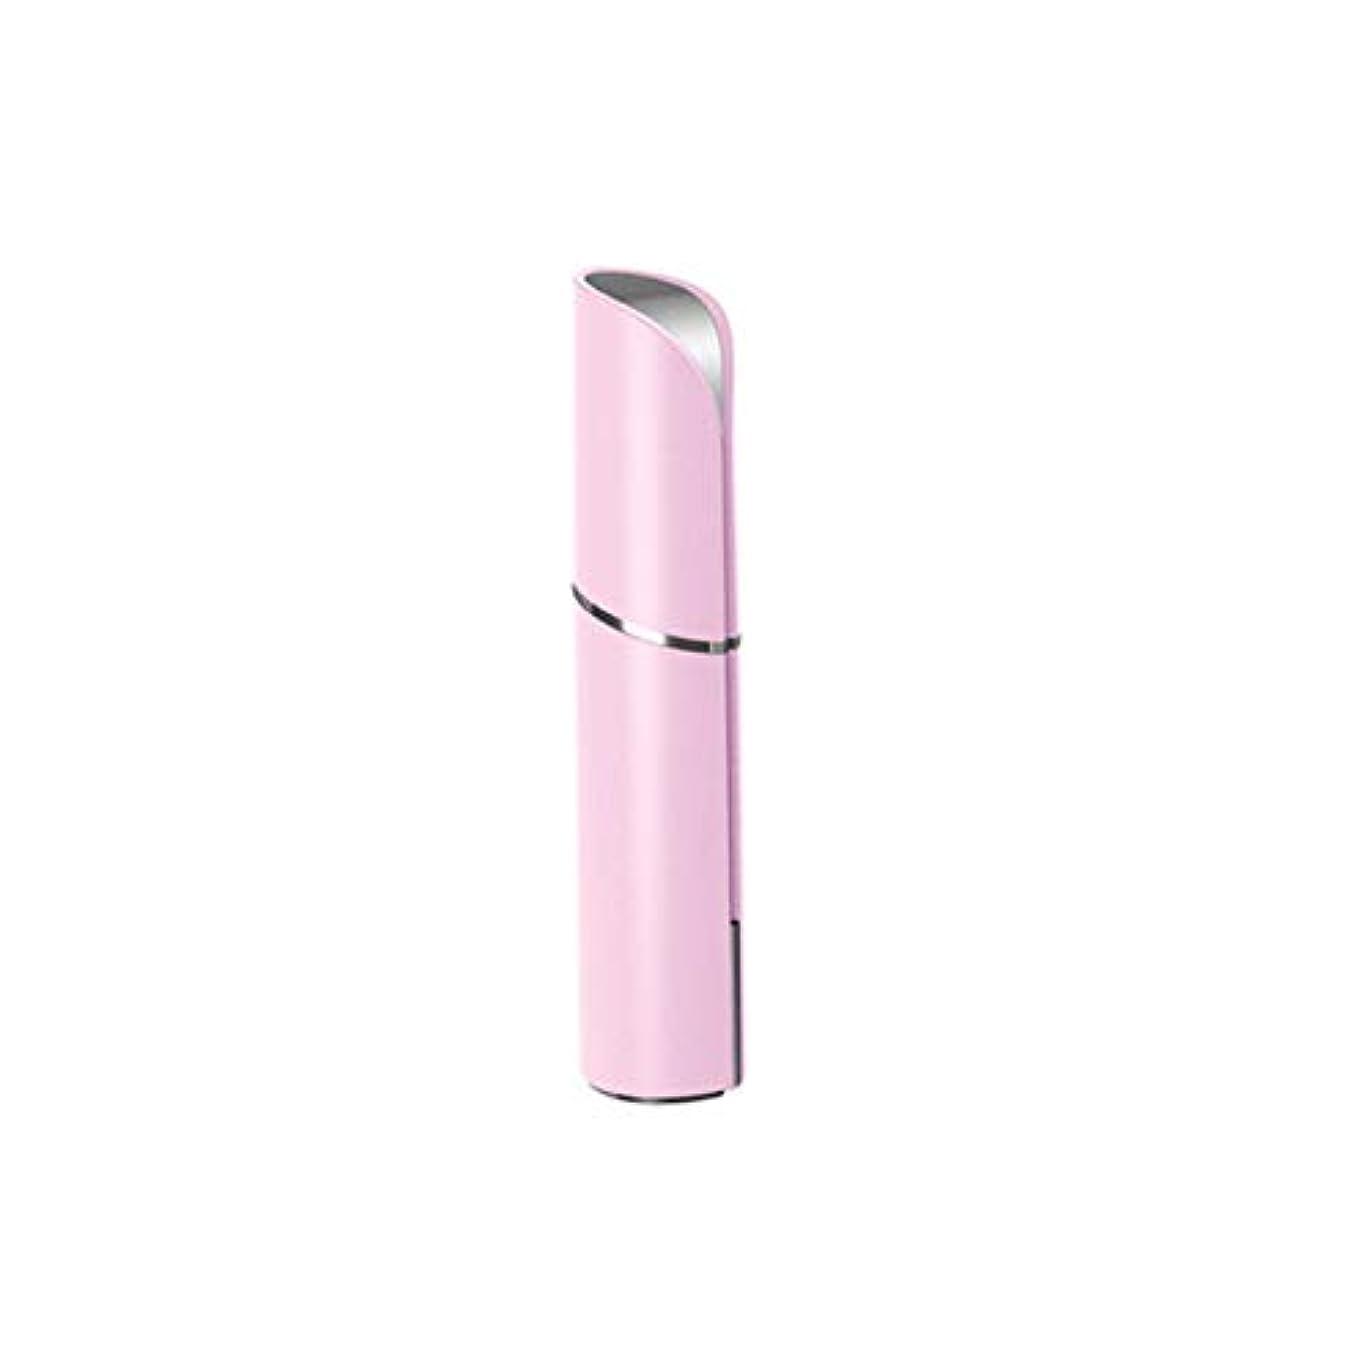 儀式フィラデルフィア徹底的にマッサージャー - 黒丸アンチリンクルアイバッグ美容機器アーティファクト女性に行く (色 : Pink)